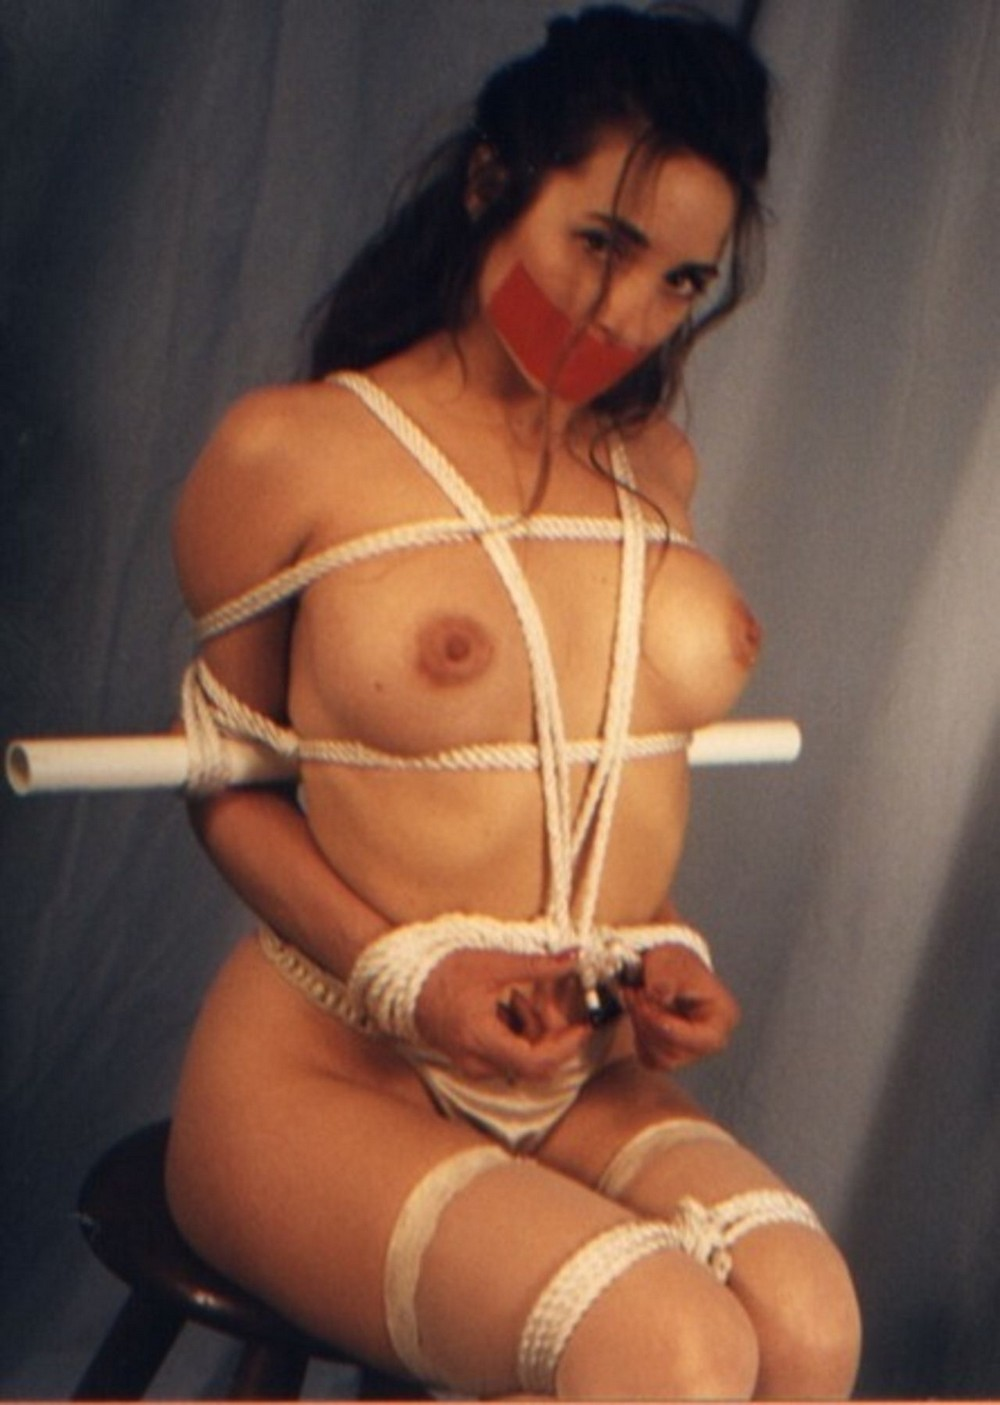 Бандажи, связывания и прочие извращения (18+)